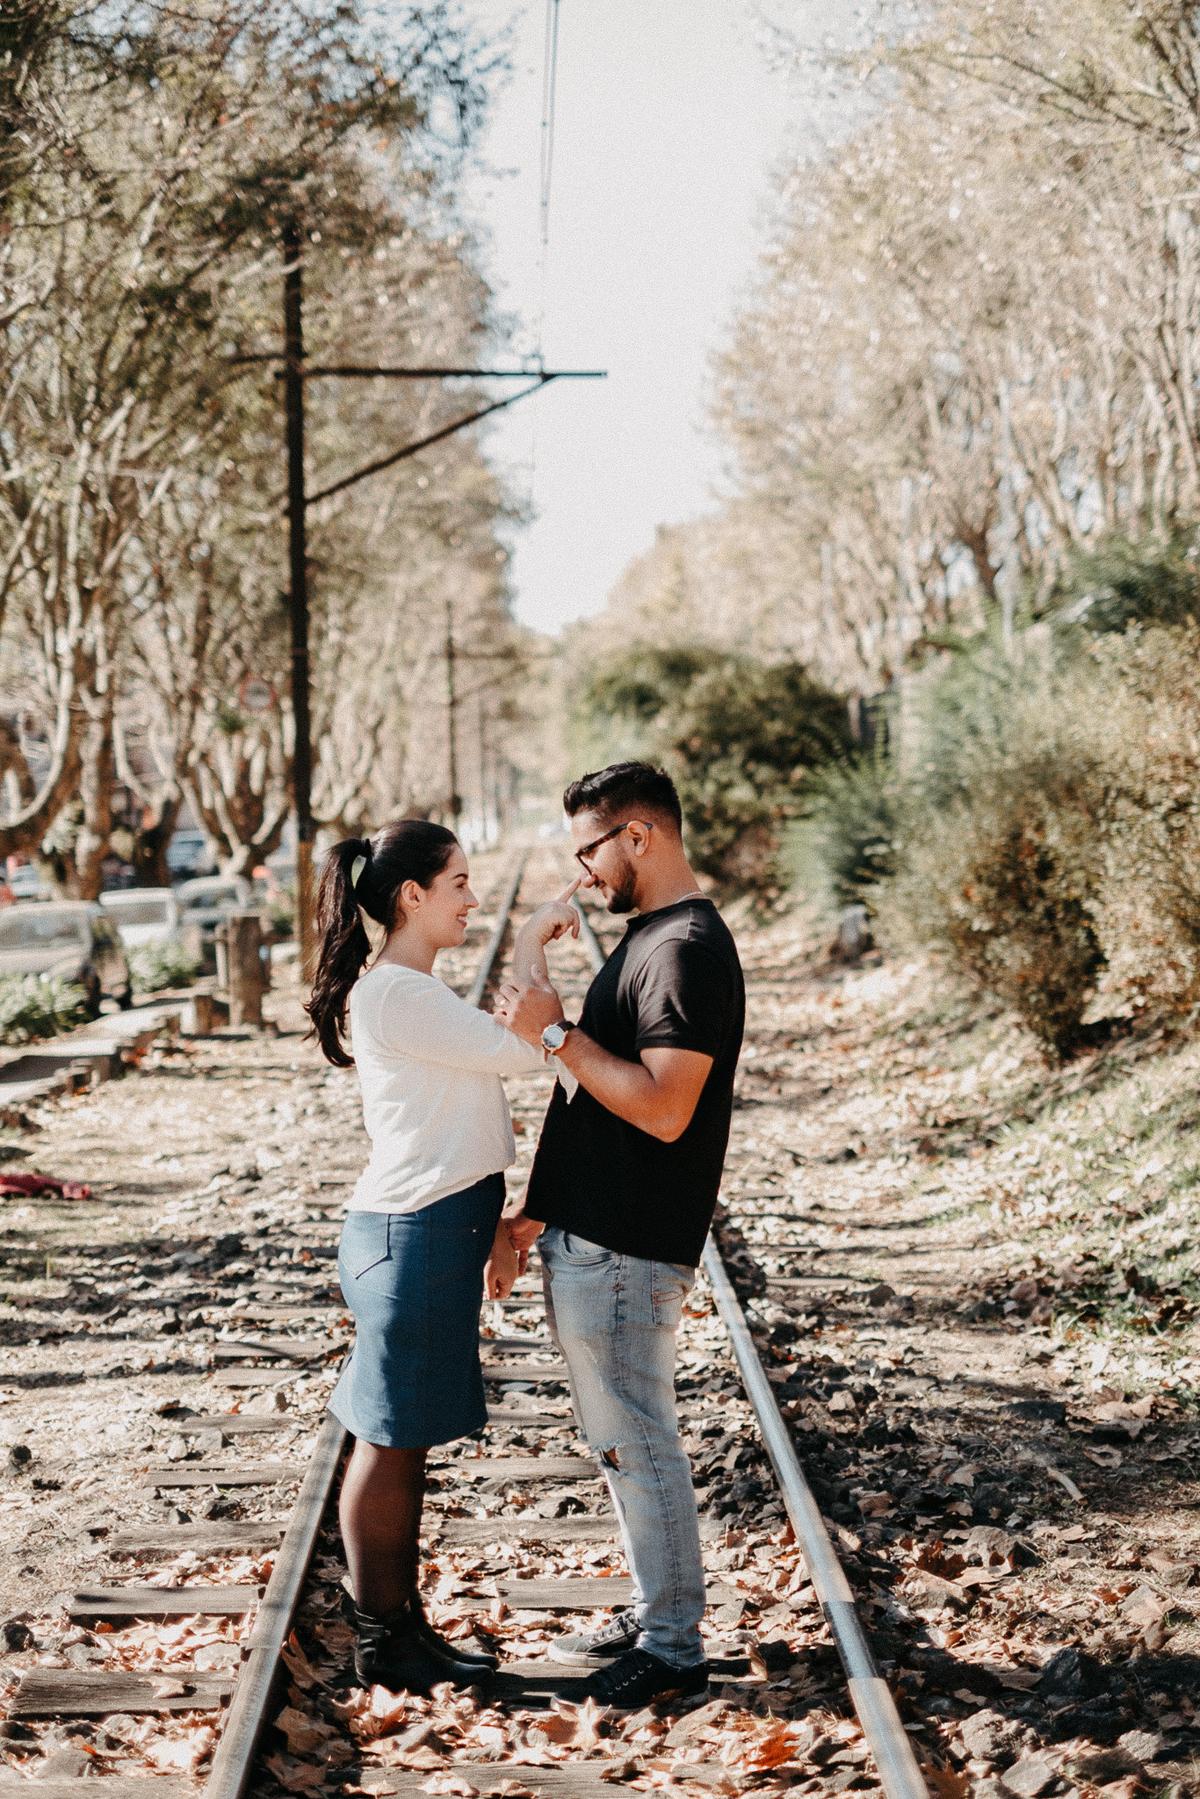 pre casamento ensaio pre wedding em campos do jordao mini weddings ideias de ensaios no inverso fotos por caio henrique